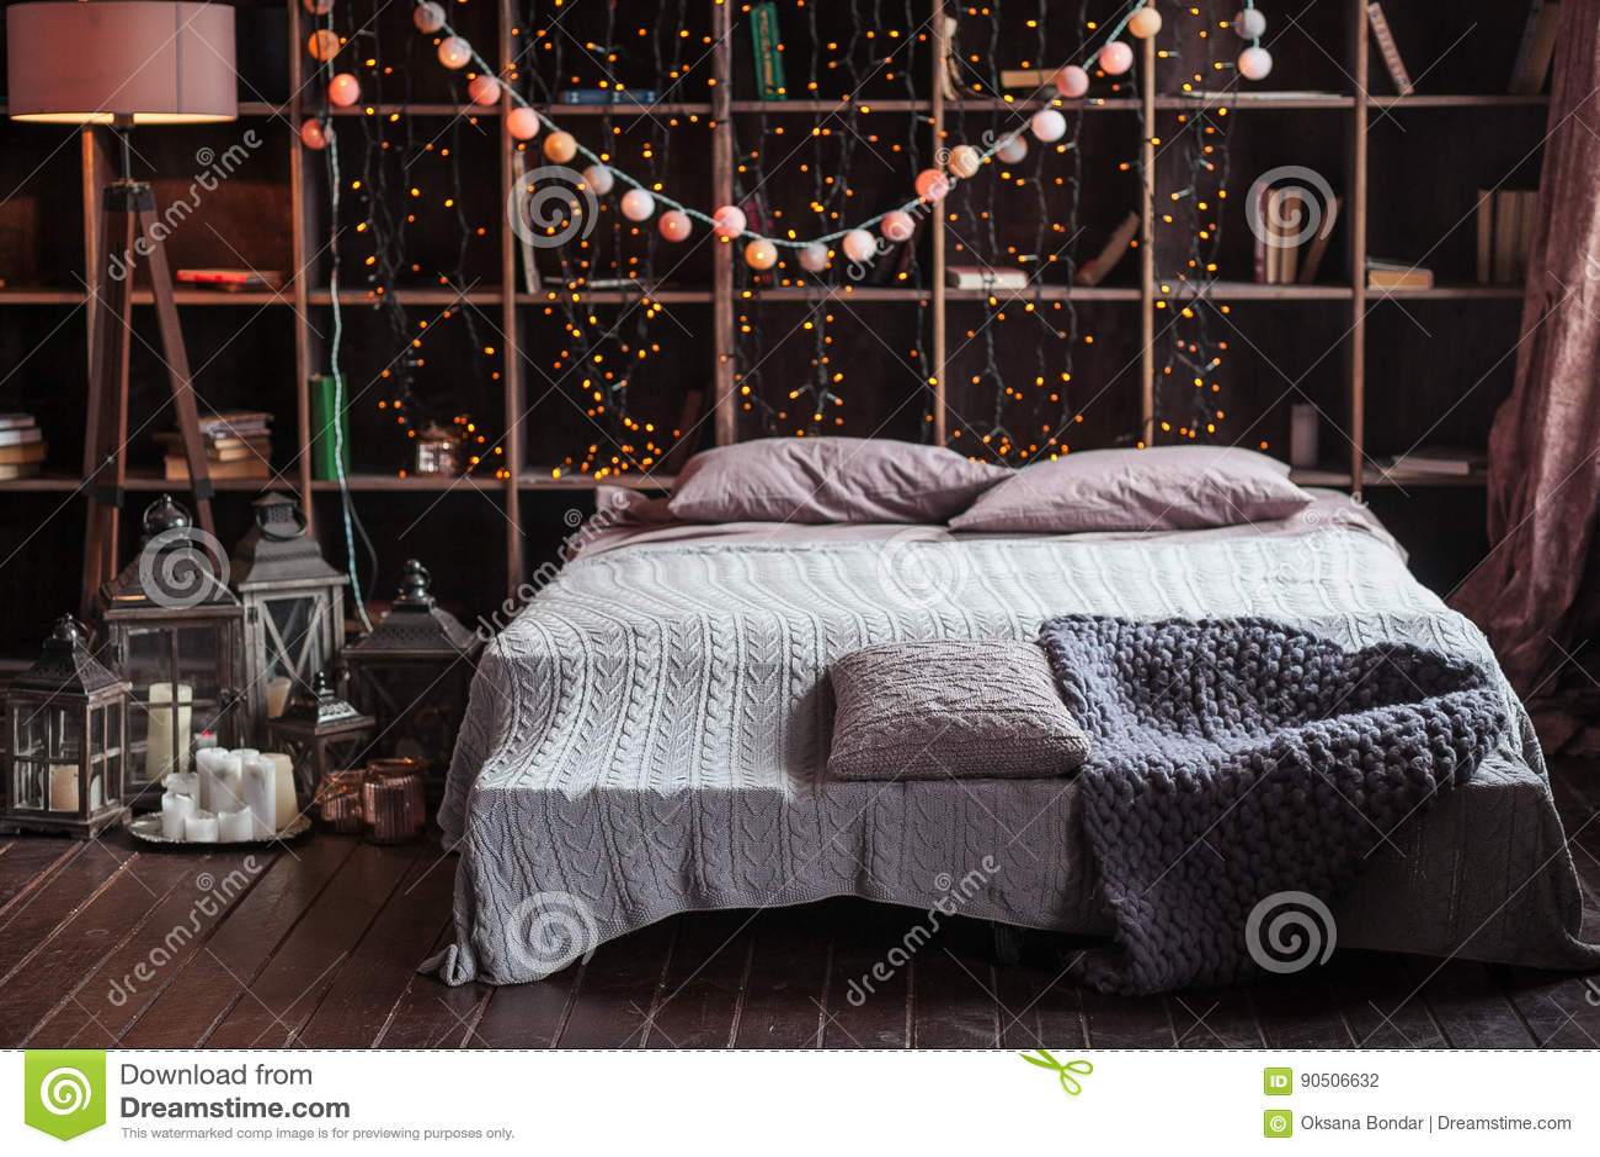 Download Gemütlichkeits , Komfort , Innenraum  Und Feiertagskonzept    Gemütliches Schlafzimmer Mit Bett